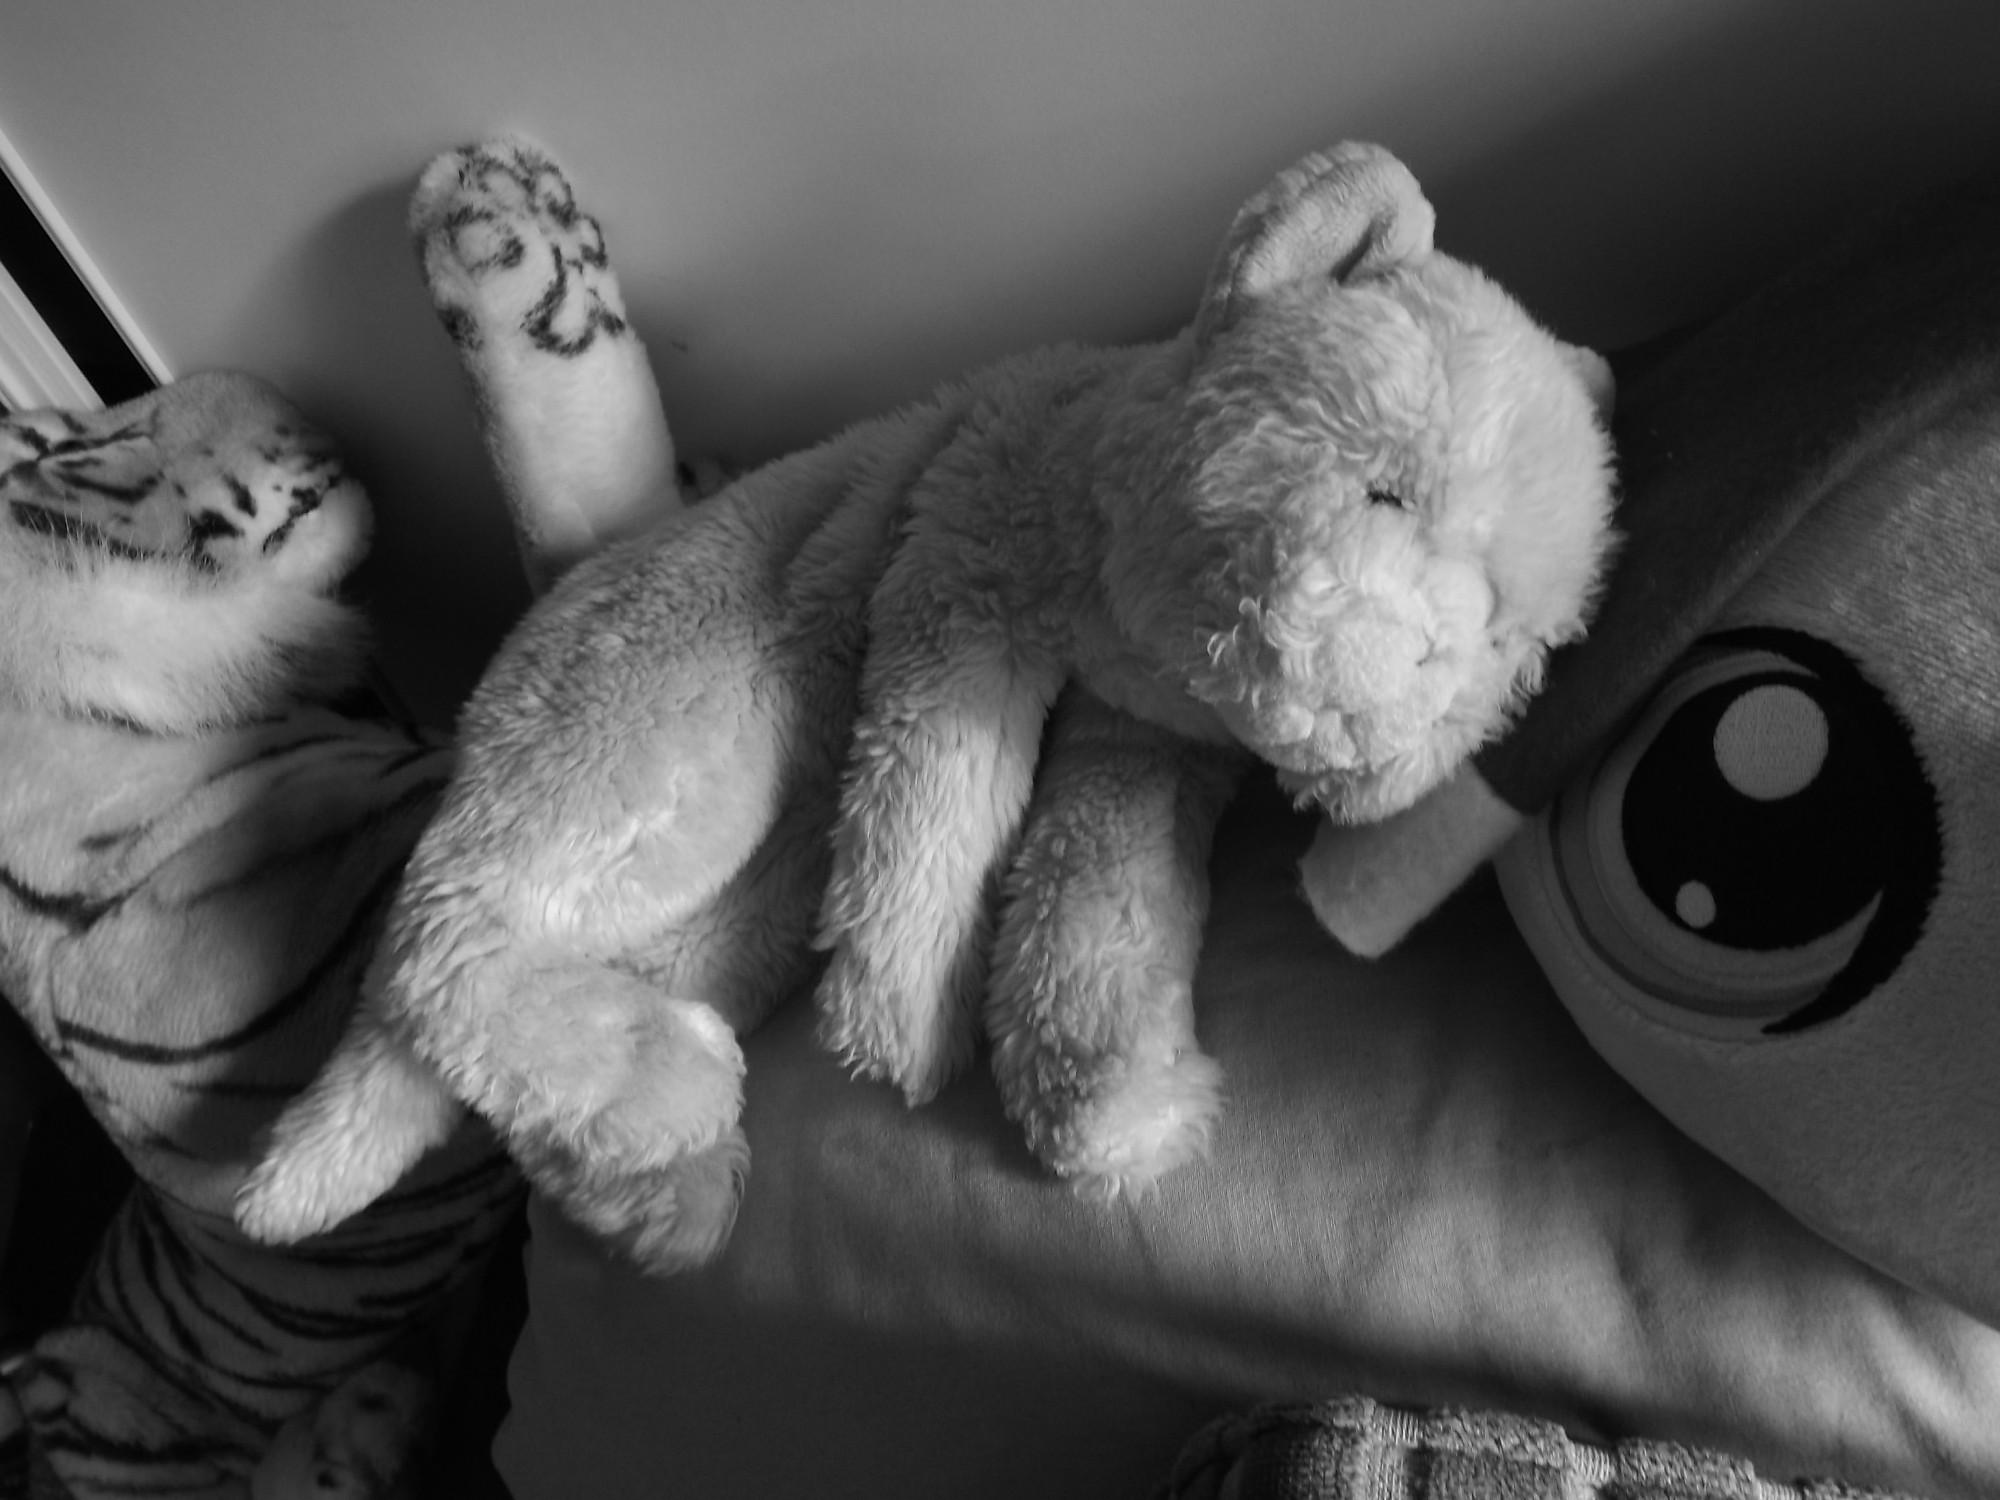 Valsts policija pabeigusi izmeklēšanu kriminālprocesā par fizisku, emocionālu un seksuālu vardarbību pret bērniem